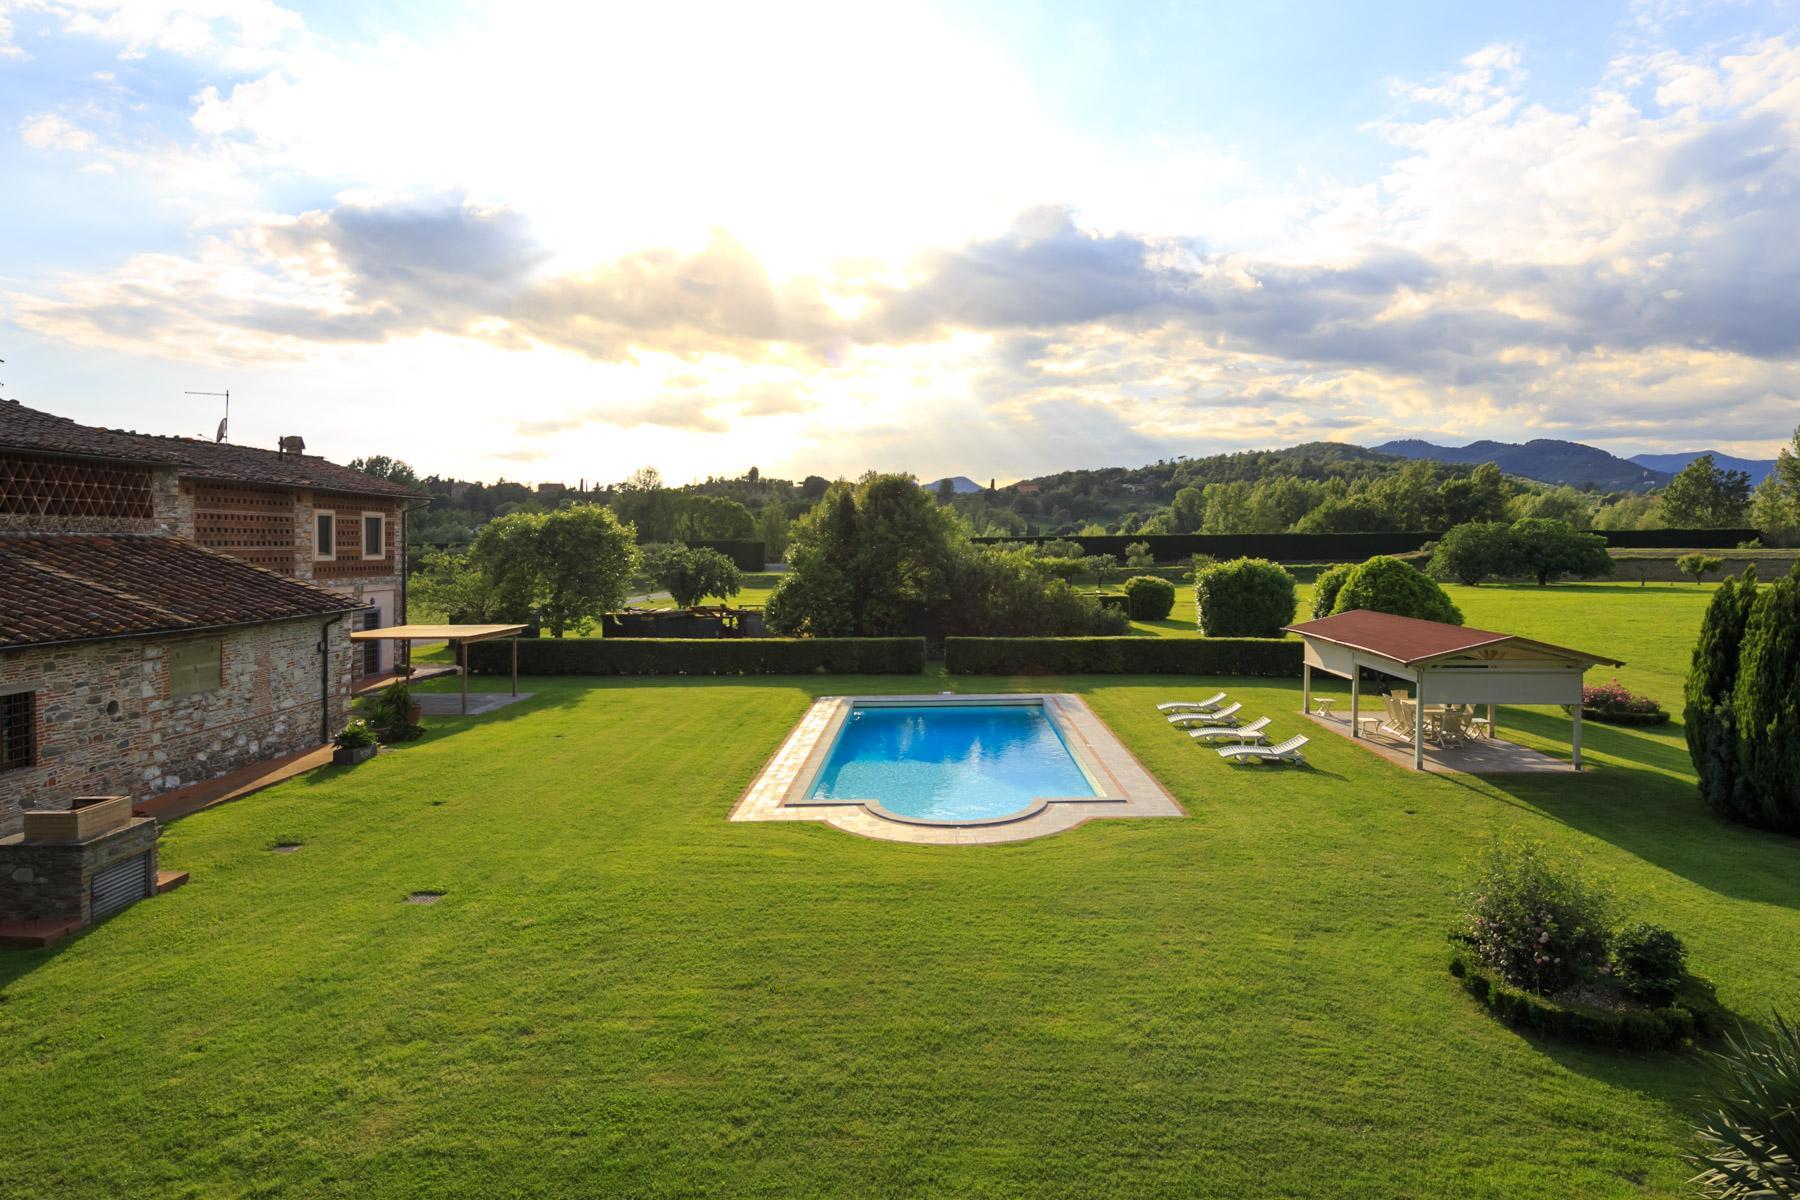 Antikes Bauernhaus auf dem Land von Lucca - 13